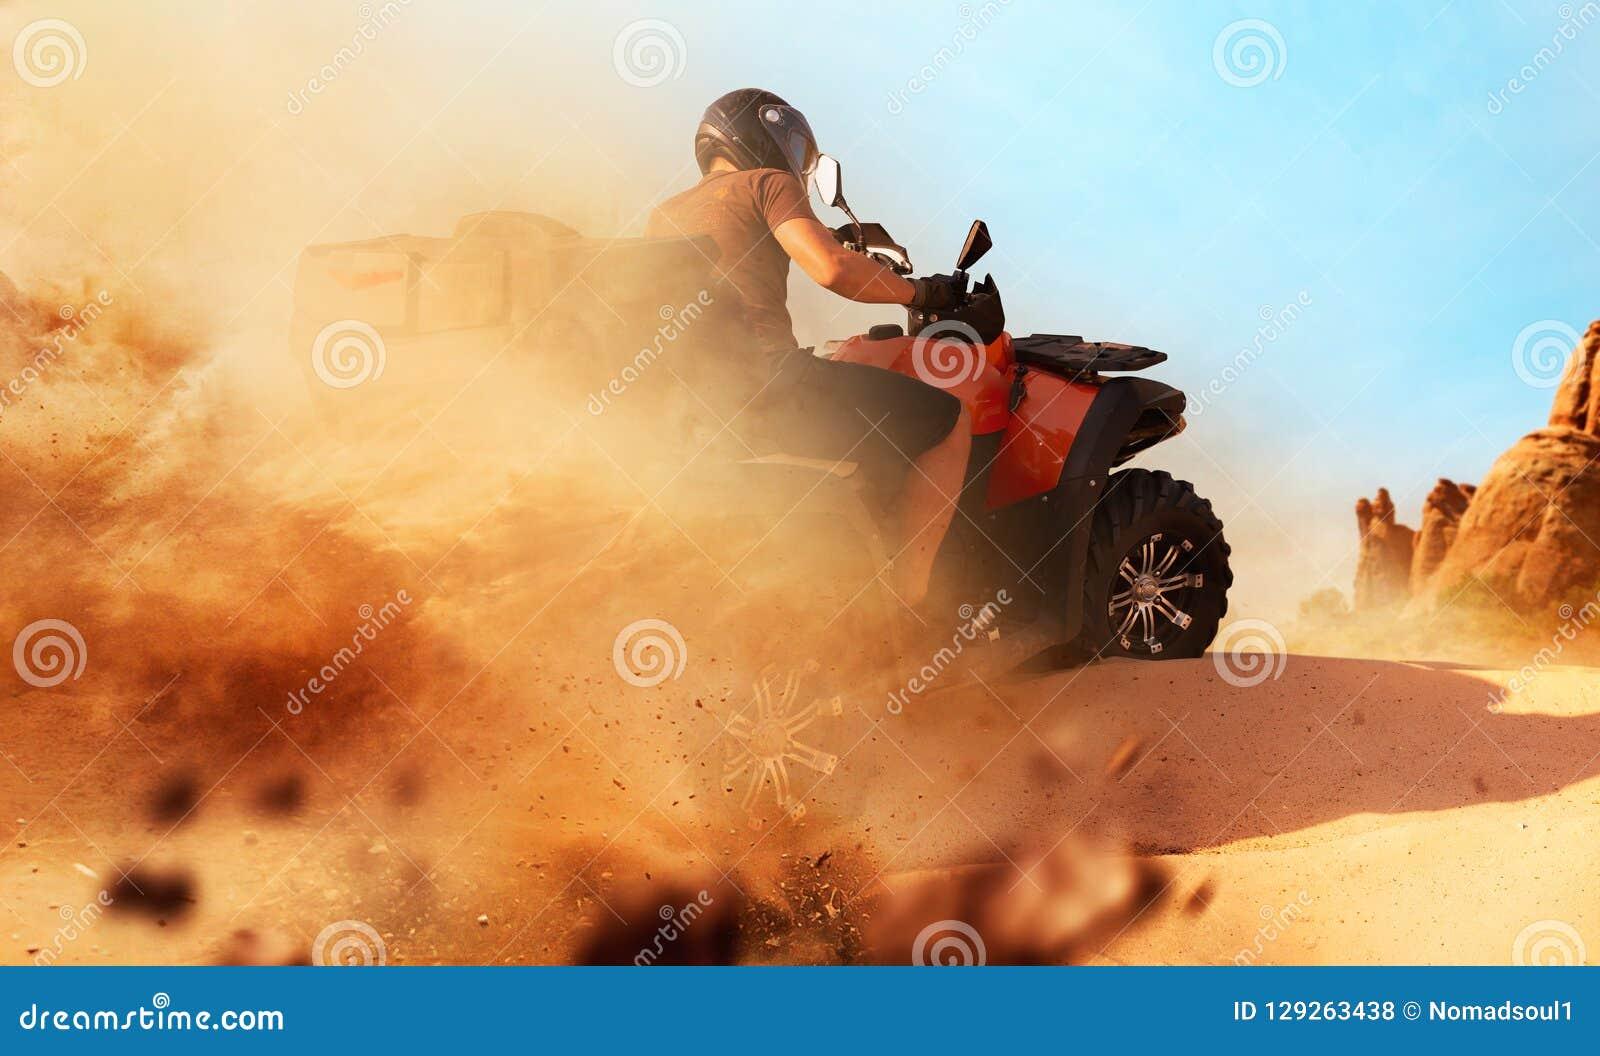 Atv-Reiten im Sandsteinbruch, Staubwolken, Viererkabelfahrrad